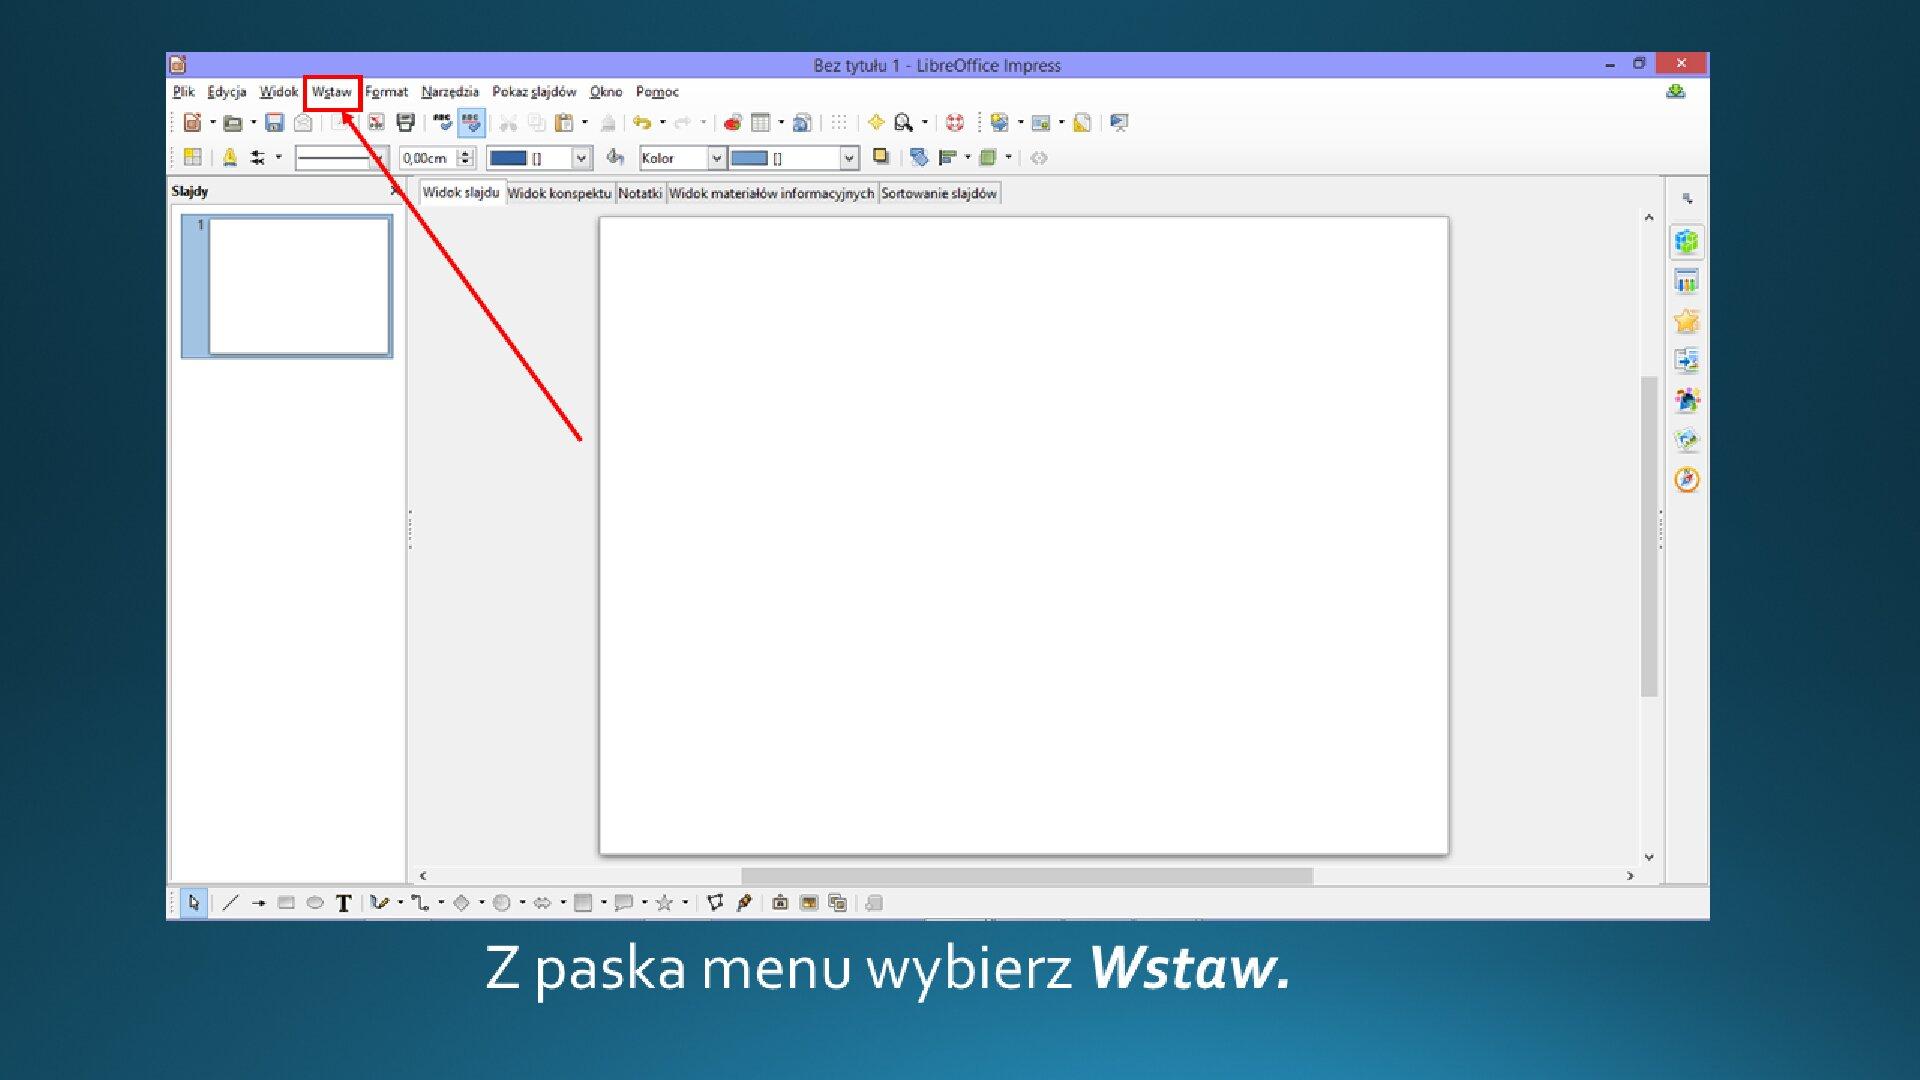 Slajd 1 galerii zrzutów slajdów: Wstawianiegrafiki na slajd opustym układzie wprogramie LibreOffice Impress